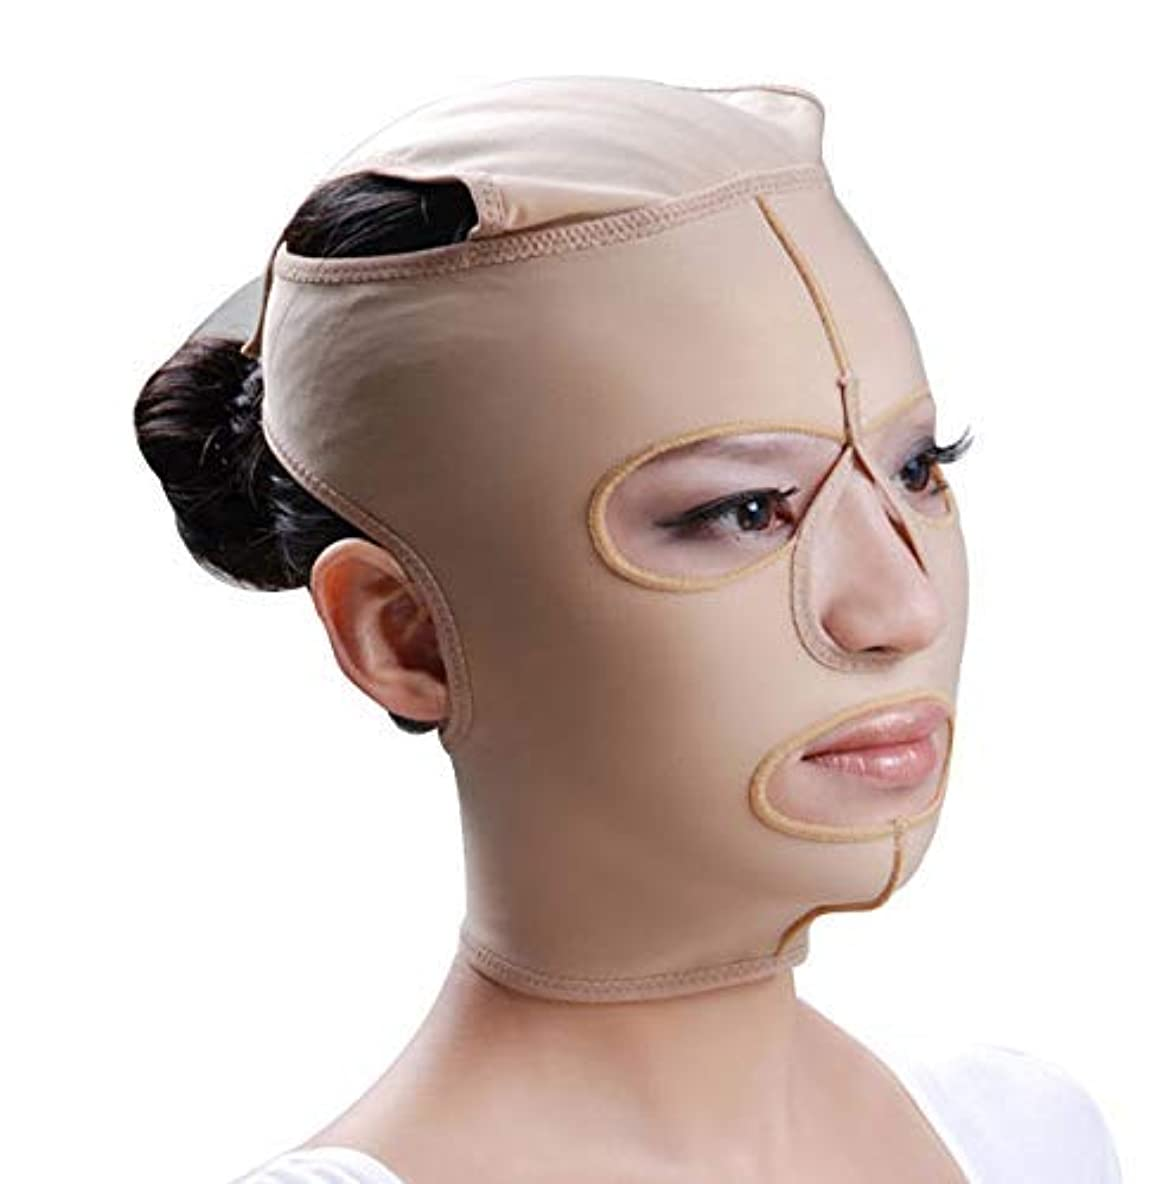 心のこもった顎過敏なファーミングフェイスマスク、フェイシャルマスクエラスティックフェイスリフティングリフティングファーミングパターンマイクロフィニッシングポストモデリングコンプレッションフェイスマスク(サイズ:S),Xl